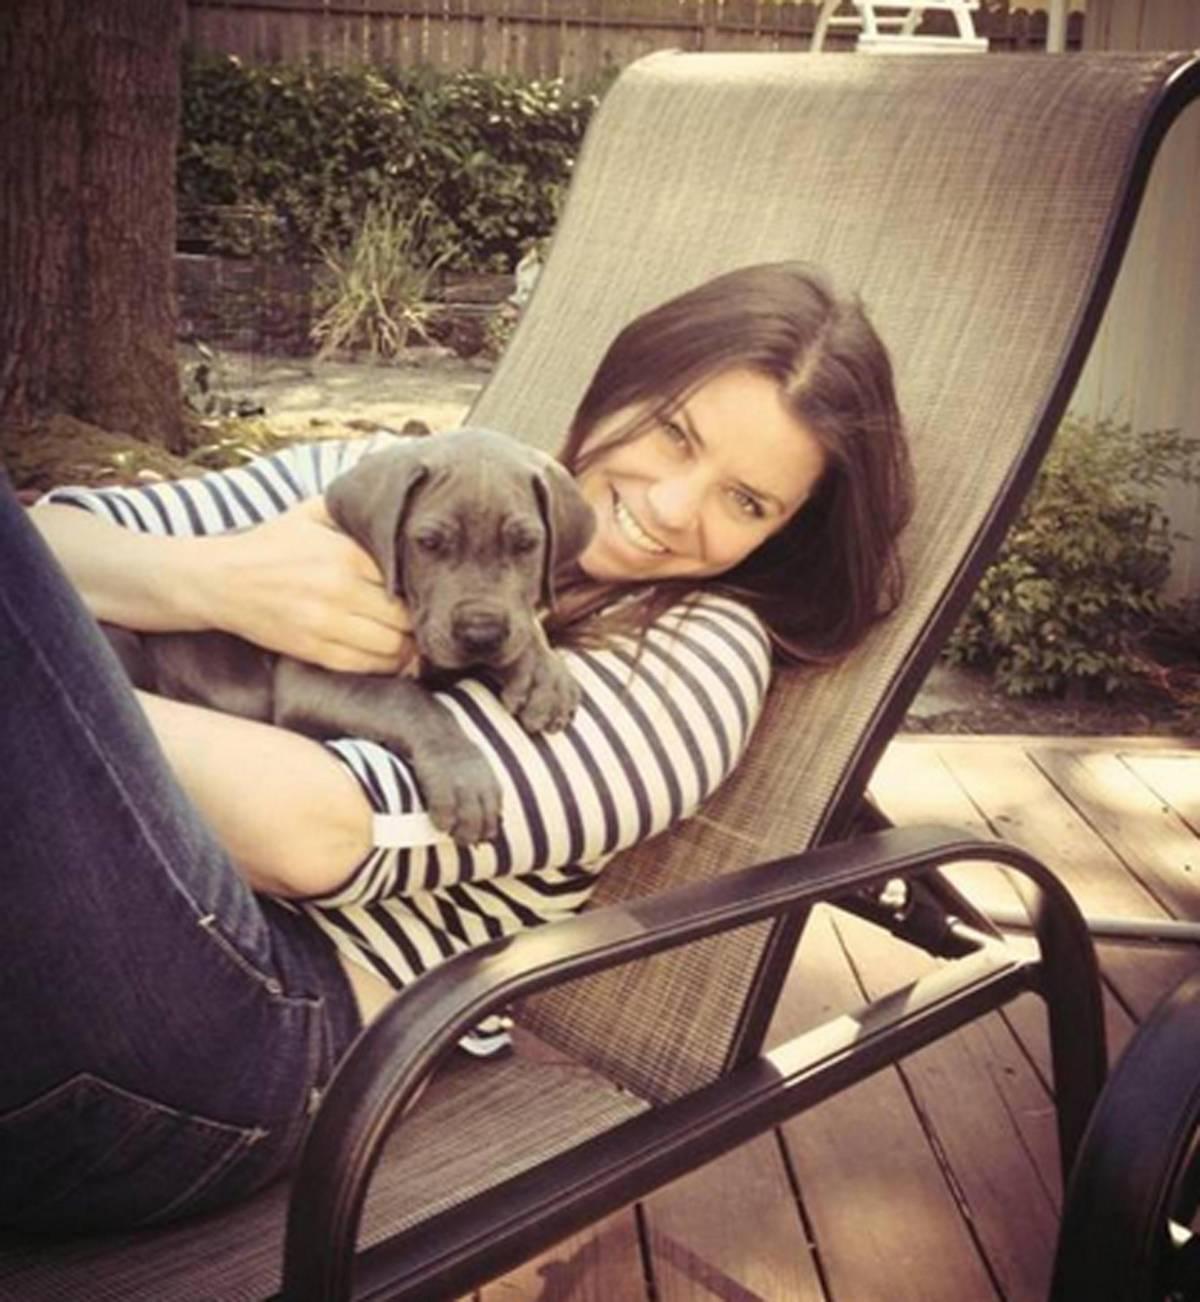 Brittany si è tolta la vita: aveva il cancro al cervello